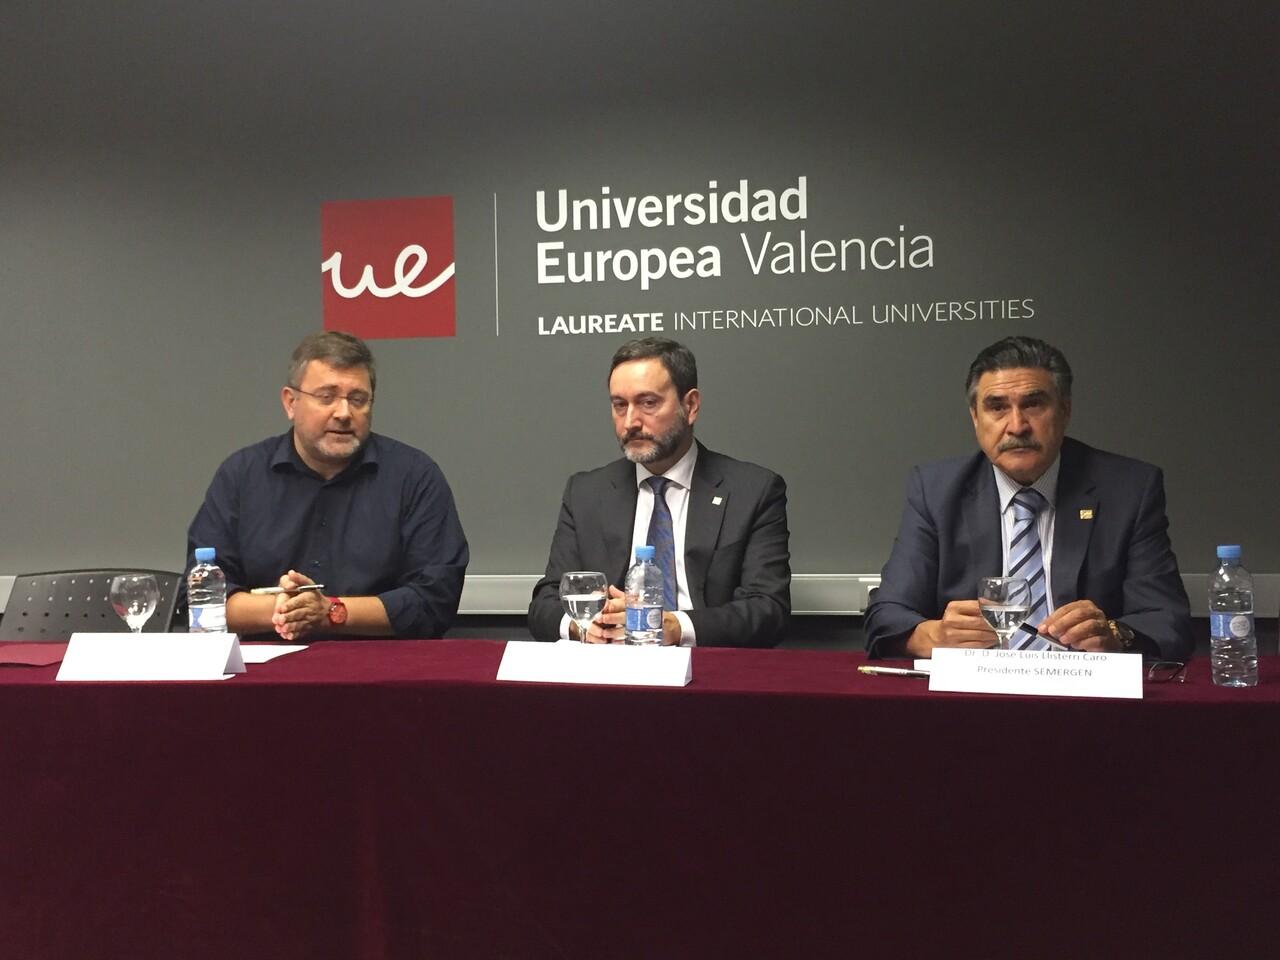 Rafael Sotoca, José Enrique Fernández y José Luis Llisterri (1)